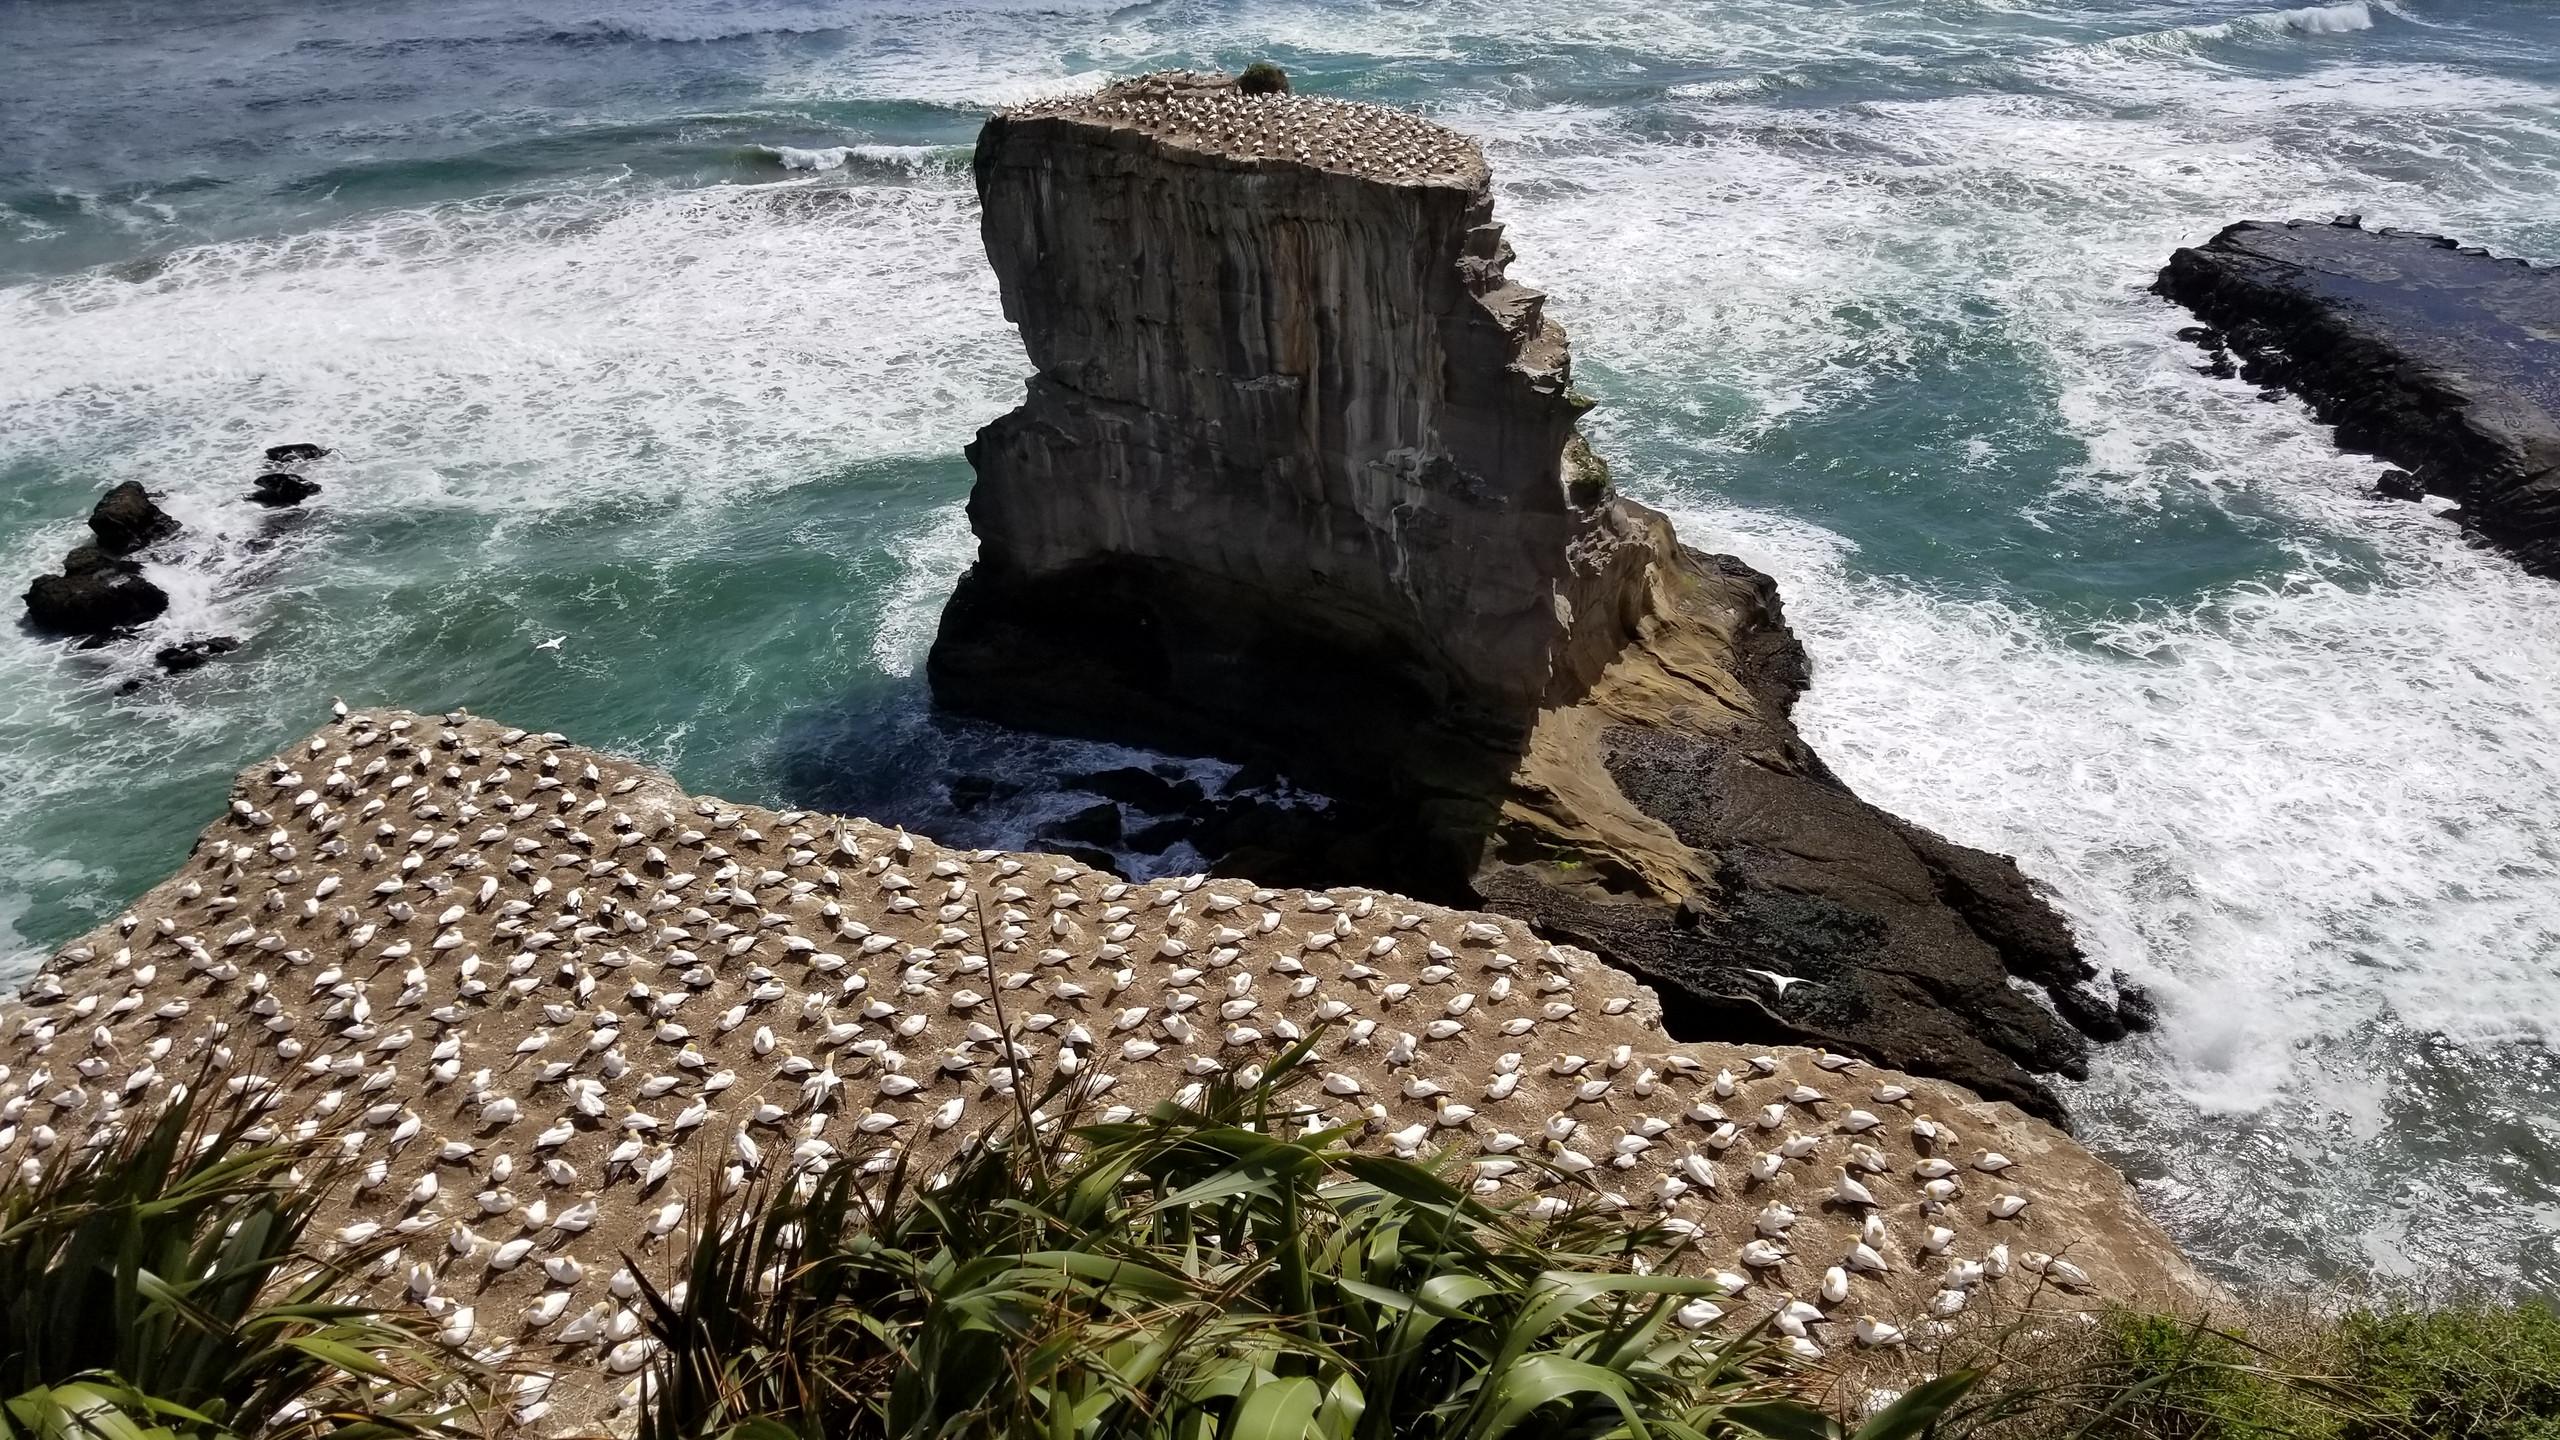 Пляж Муривай, колония птиц ганнетов, Окленд, Новая Зеландия